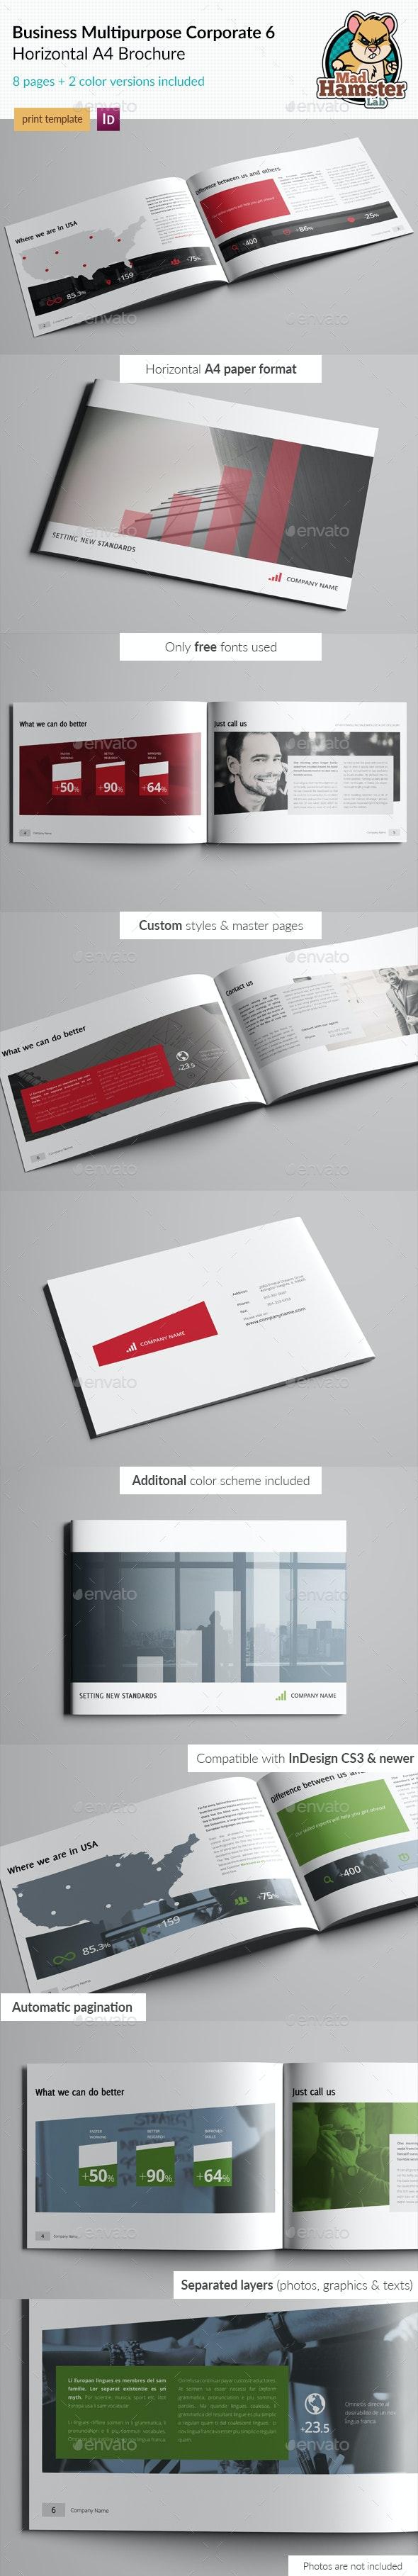 Business / Corporate Multi-purpose A4 Brochure 6 - Corporate Brochures